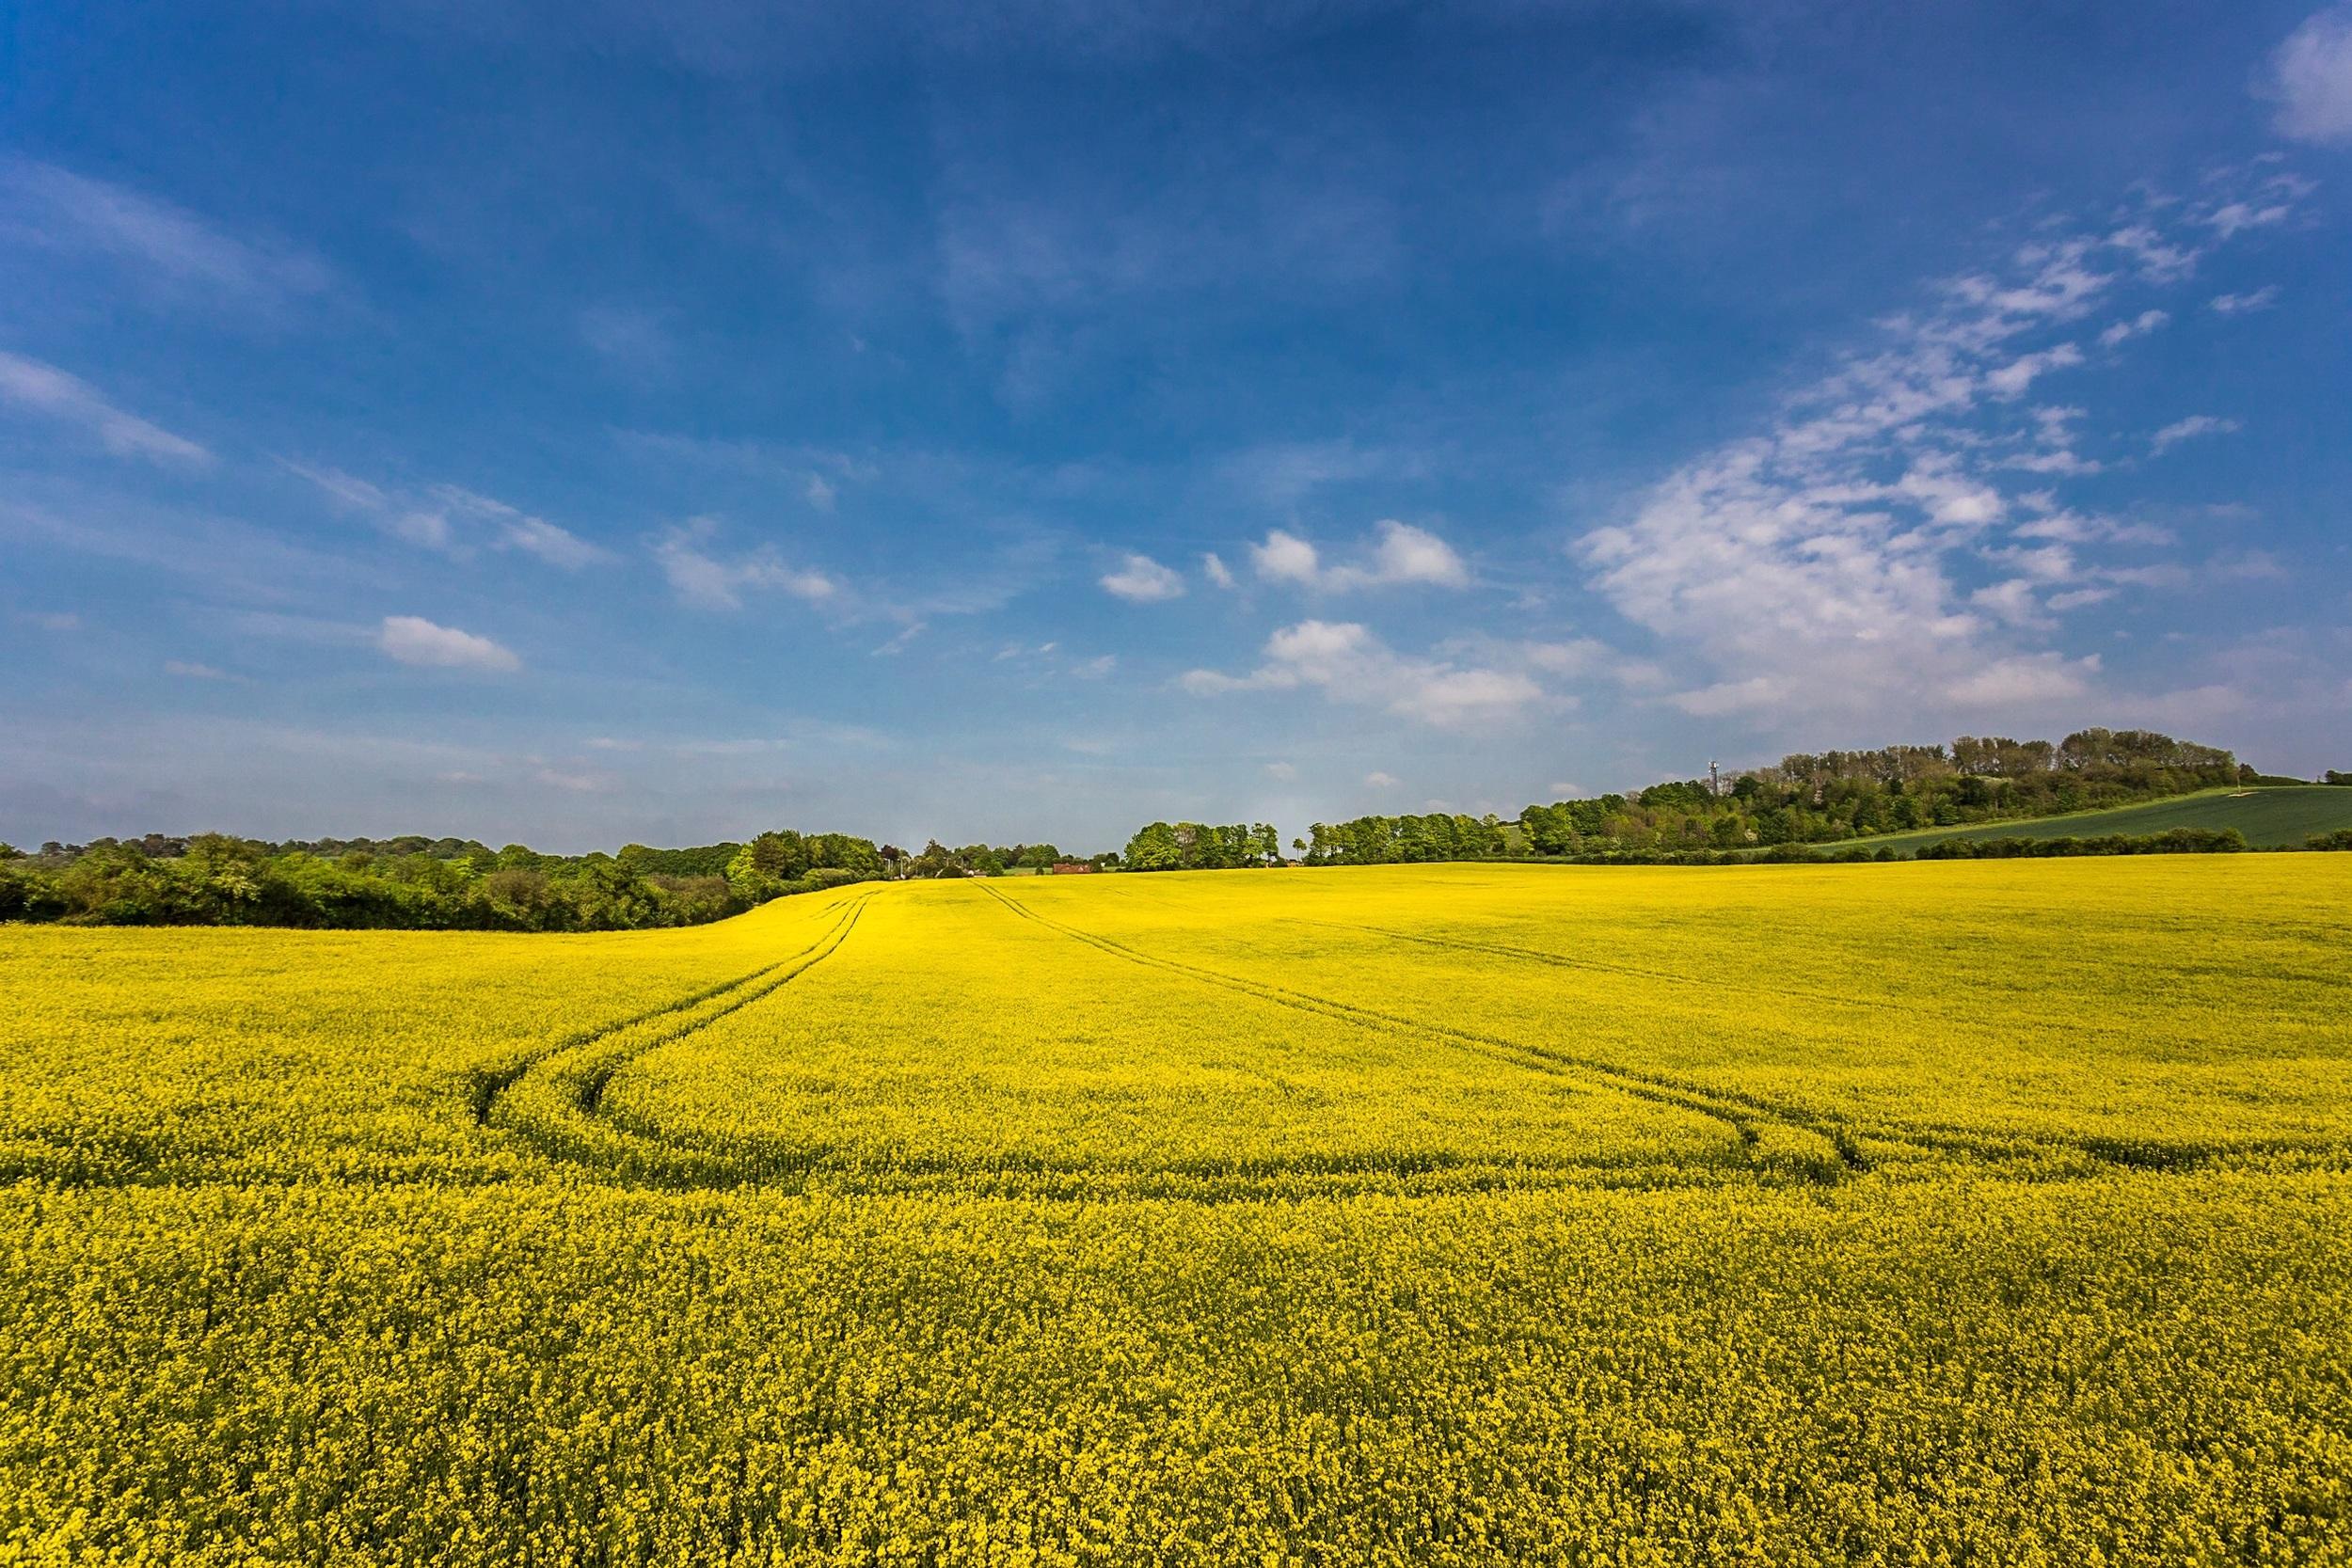 Dorset landscape photograph